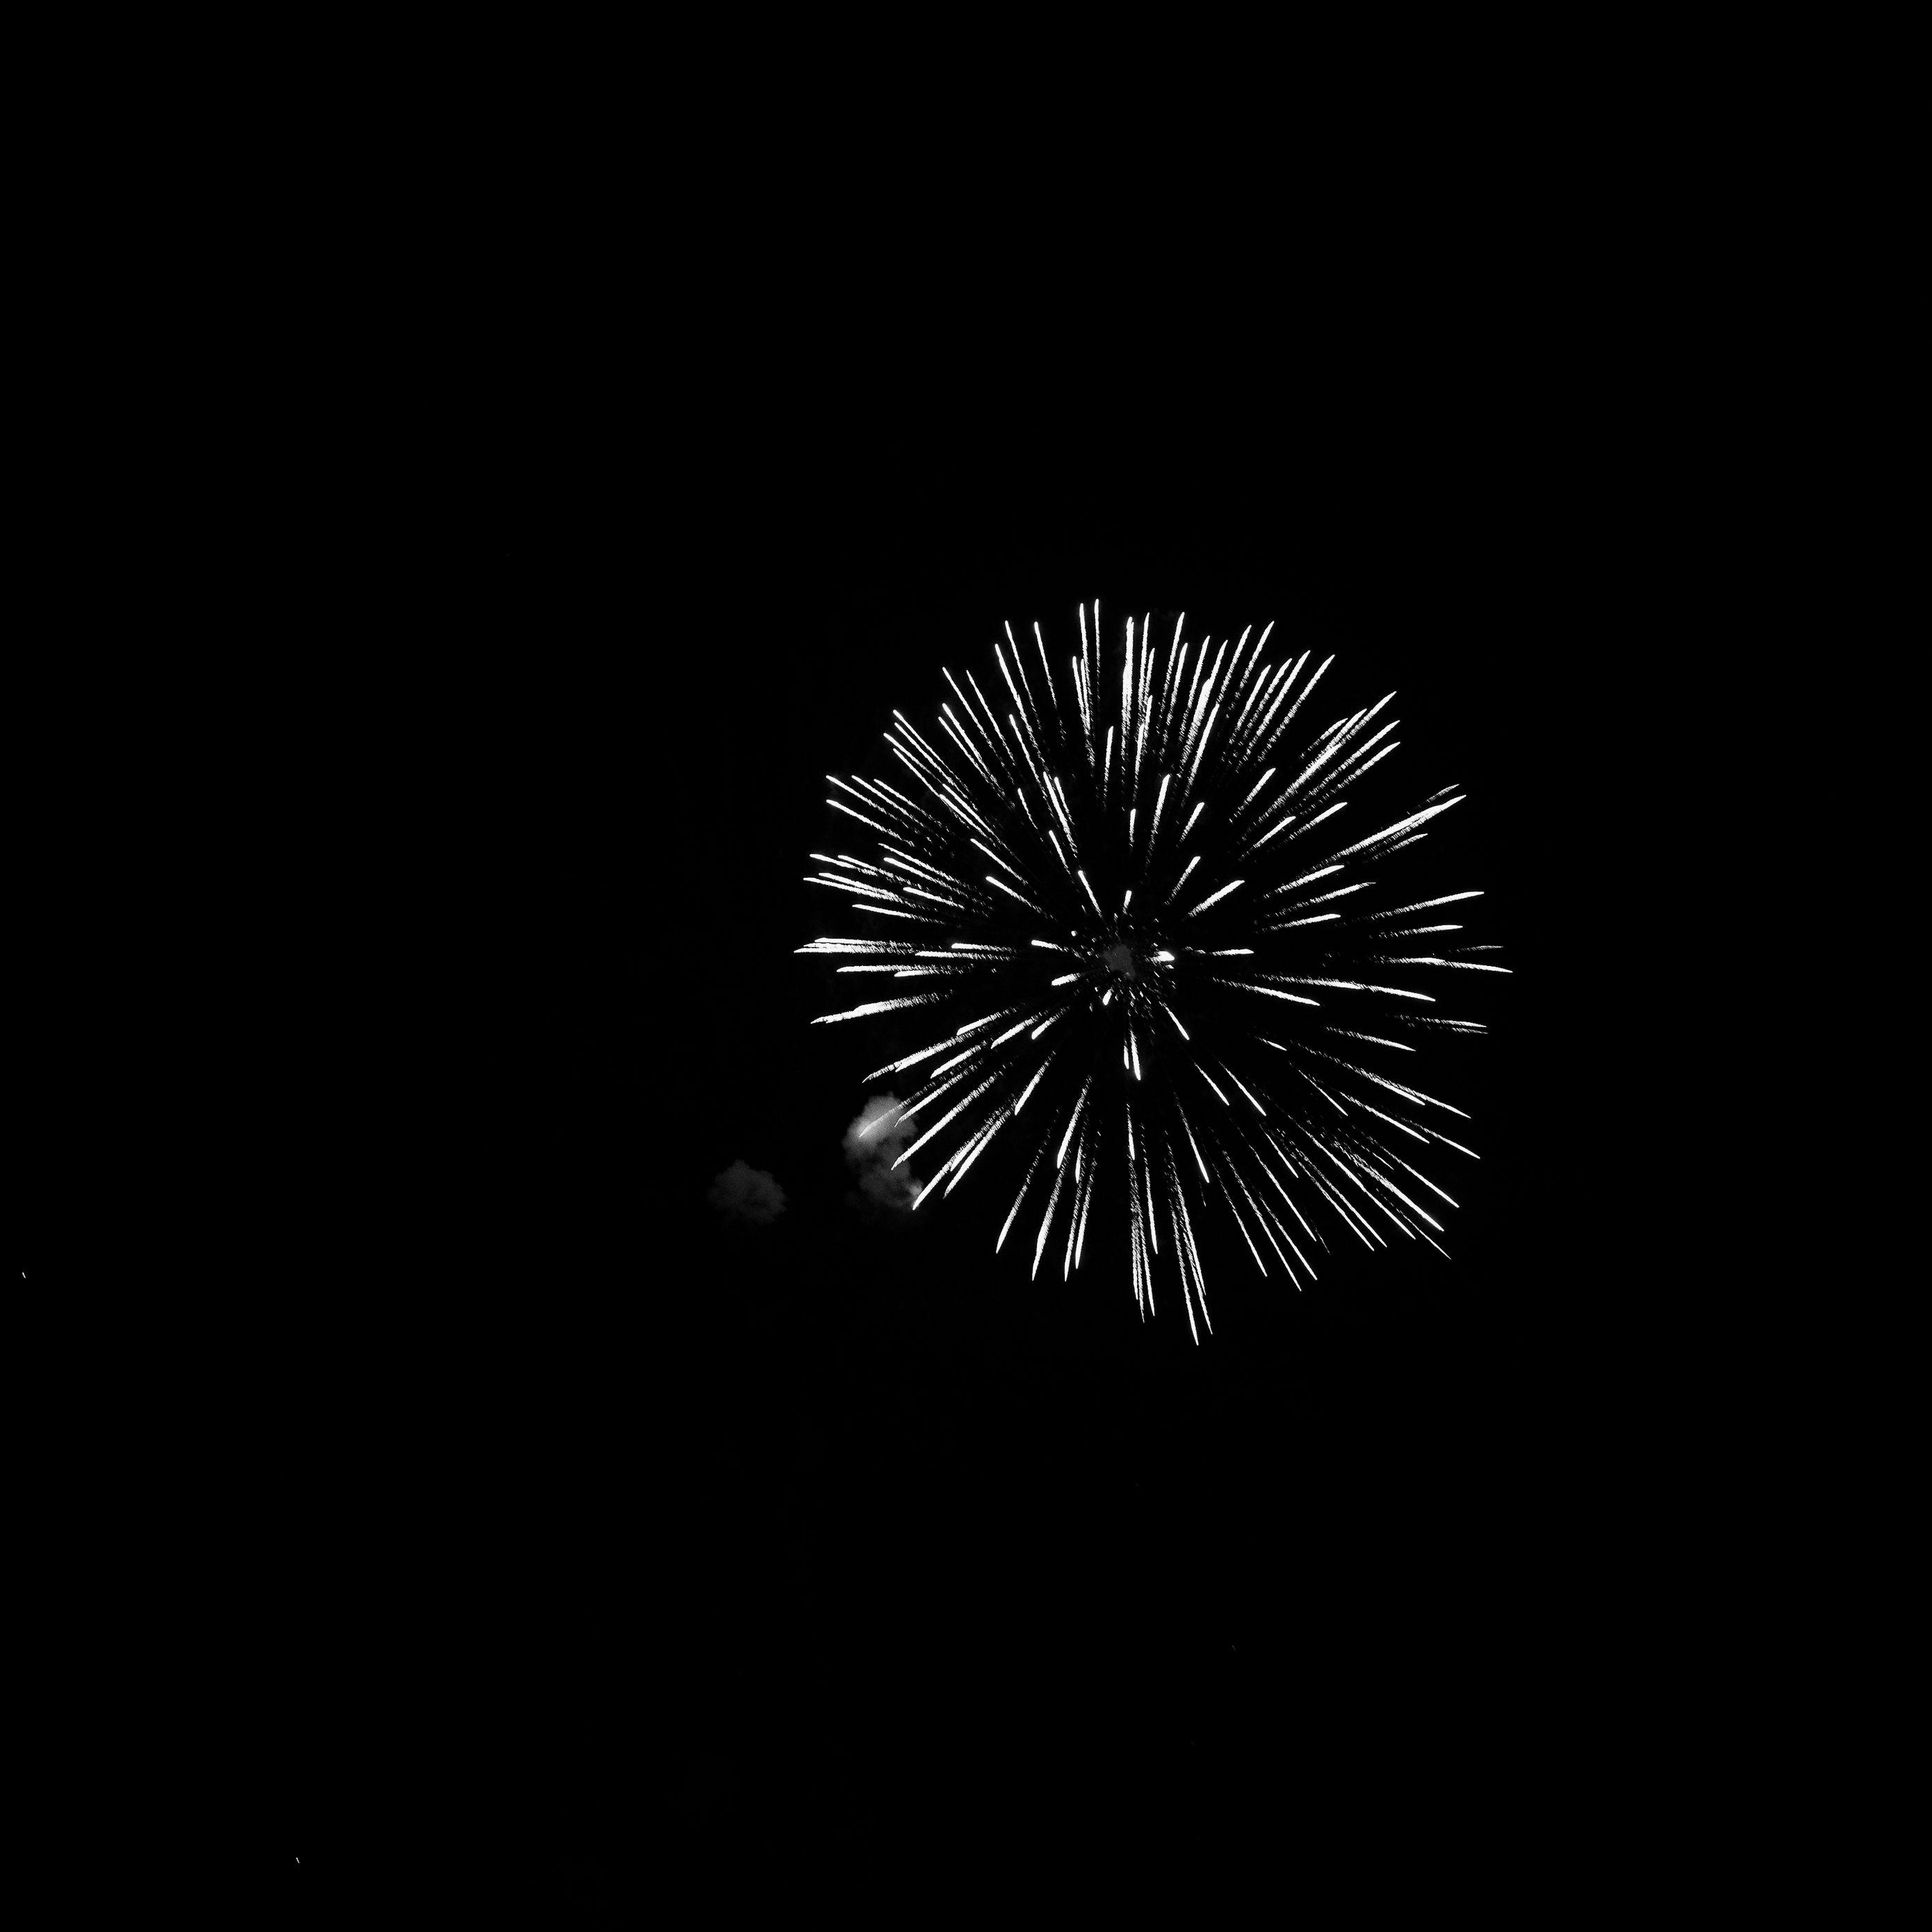 2780x2780 Wallpaper fireworks, salute, night, black, bw